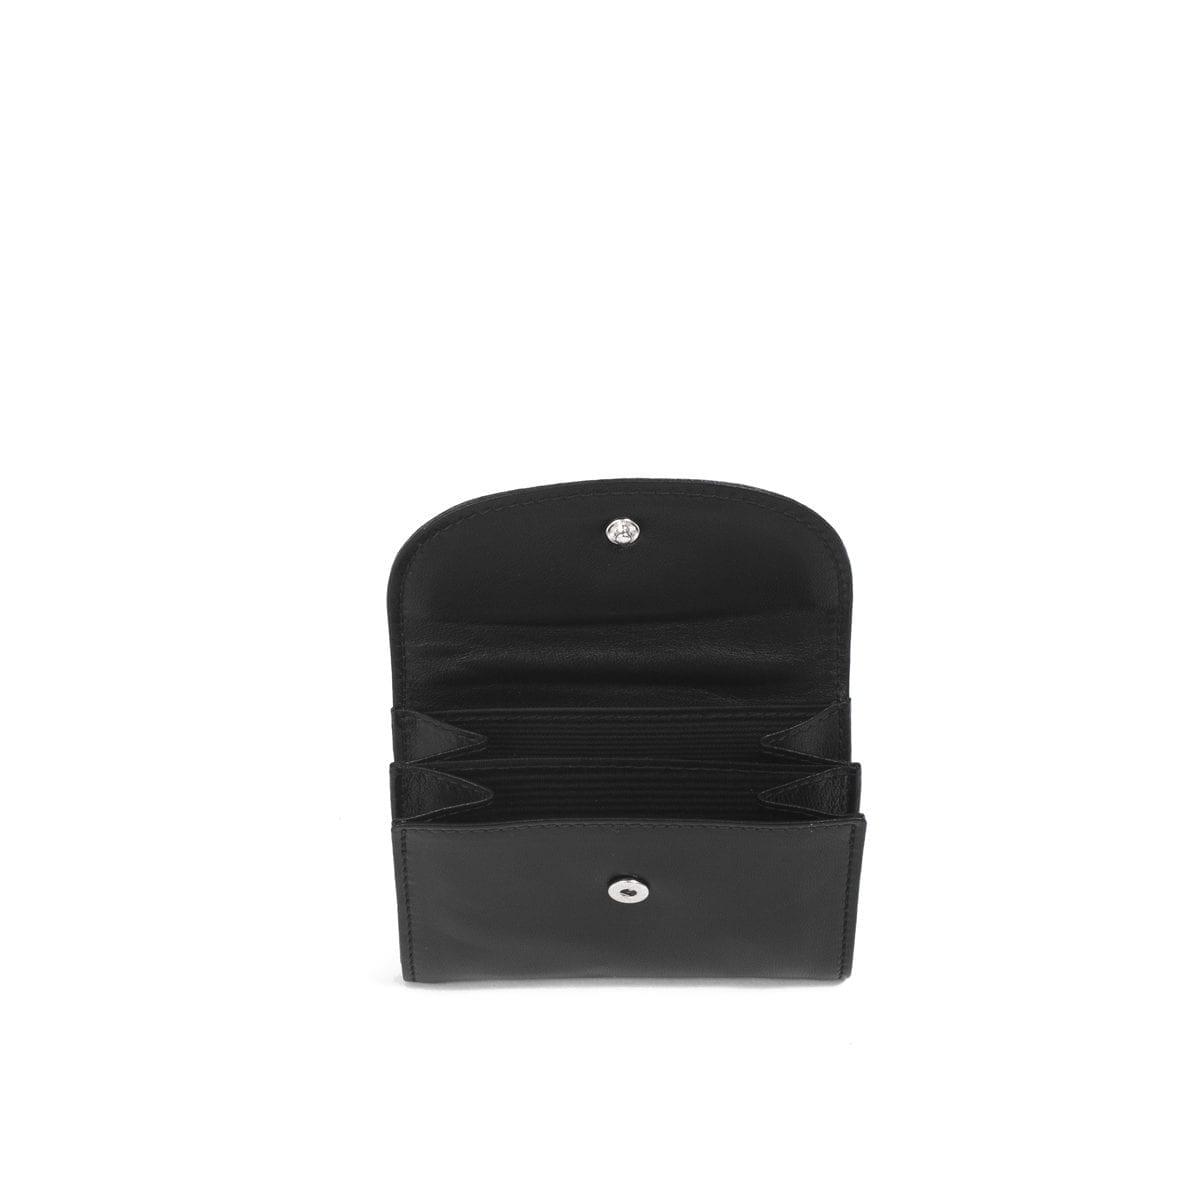 LUMI Åsa Card Wallet, in black.